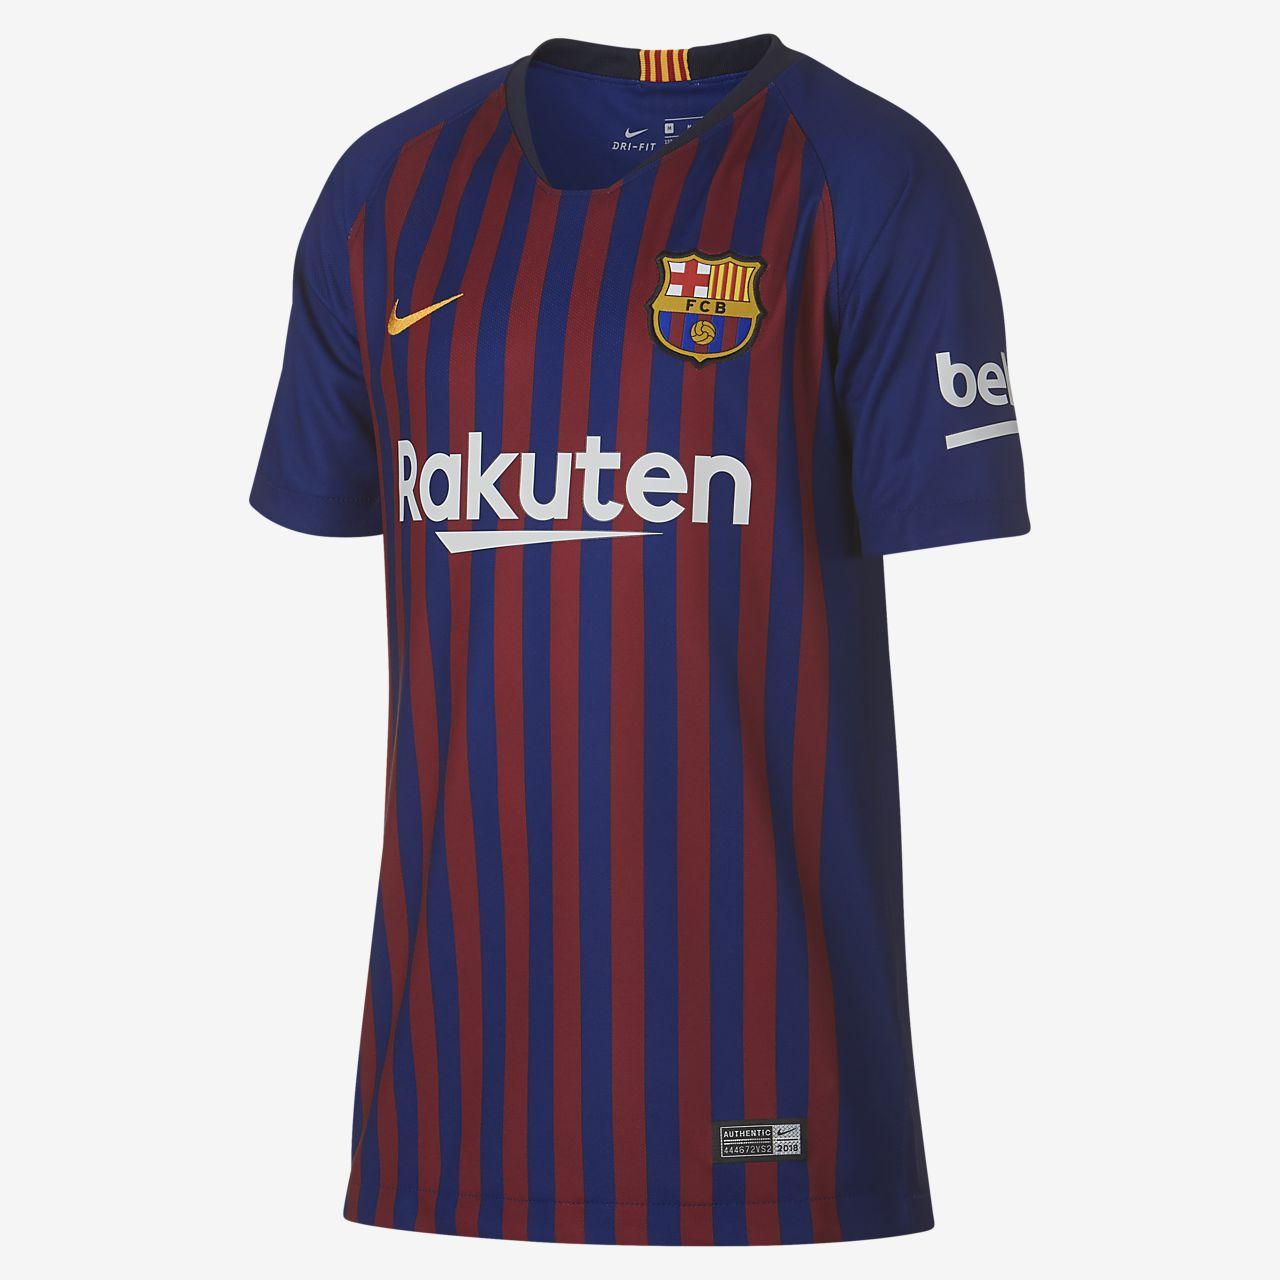 2018/19 FC バルセロナ スタジアム ホーム ジュニア サッカージャージー